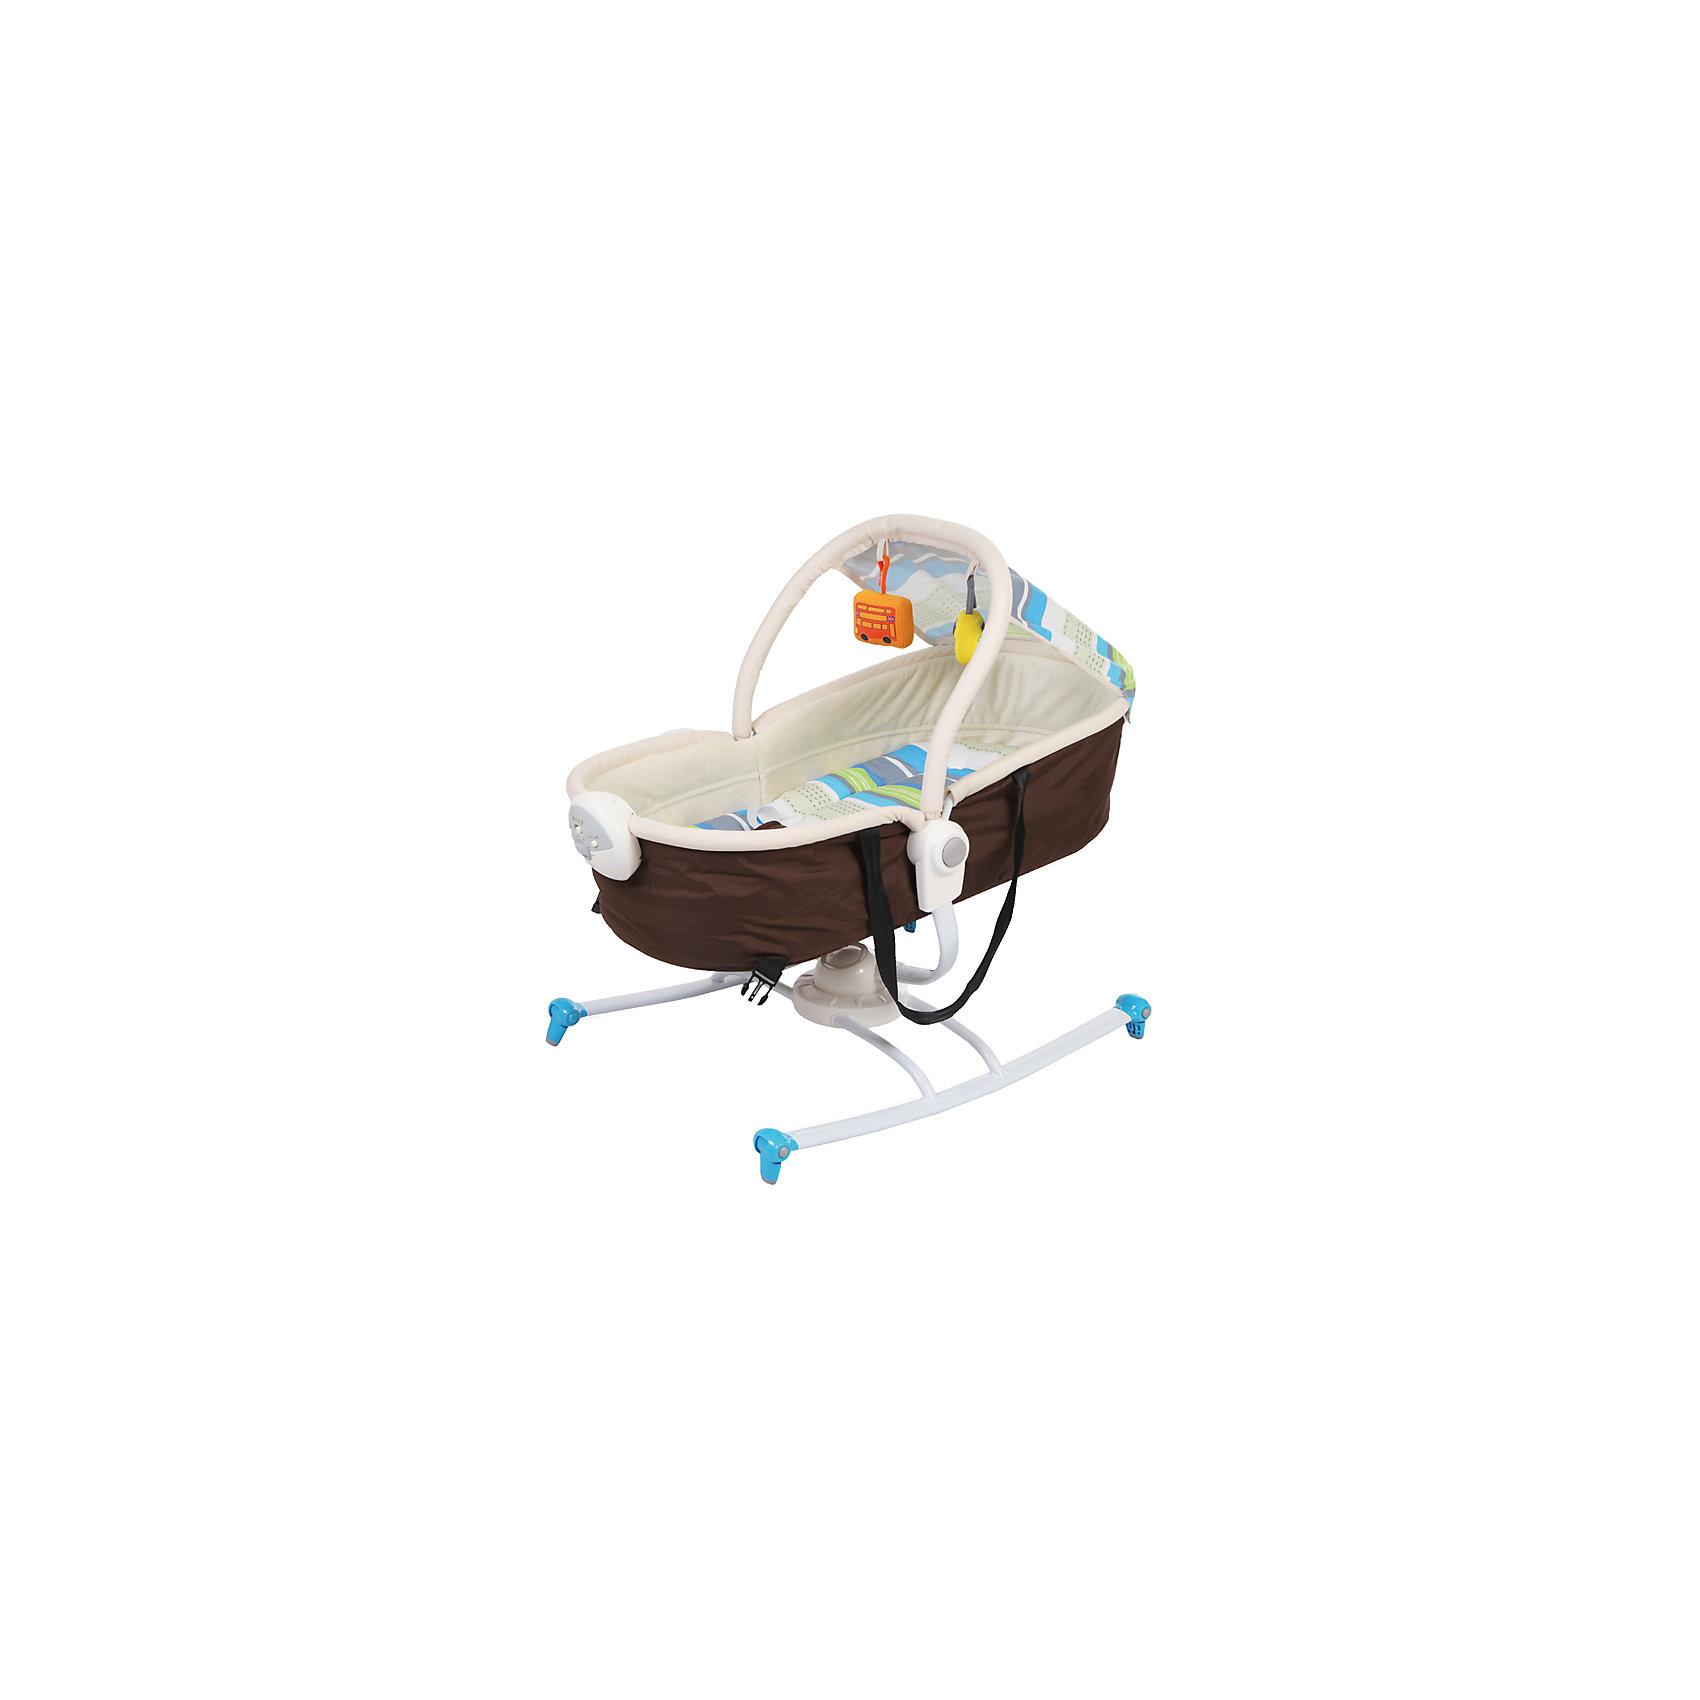 Шезлонг Dreamer, Jetem, коричневый/синийУдобный и практичный шезлонг - идеальный вариант для малышей и их родителей. Модель может трансформироваться в люльку, имеет глубокий капор, который обеспечит крохе спокойный и комфортный отдых. Шезлонг имеет блок вибраций и музыкальный блок с регулировкой громкости, включающий в себя 6 колыбельных мелодий. Ремни безопасности надежно и мягко удержат в шезлонге уже подросшего и более активного малыша, а дуга с игрушками развлечет кроху. Модель выполнена из высококачественных экологичных материалов абсолютно безопасных для детей.<br><br>Дополнительная информация:<br><br>- Материал: пластик, текстиль.<br>- Размеры шезлонга: 73х51х71 см.<br>- Размеры люльки: 74х51х66 см.<br>- Трансформируется в люльку.<br>- Блок вибрации с регулировкой.<br>- 6 мелодий с регулировкой громкости.<br>- Дуга с игрушками.<br>- Капор.<br>- Ремень безопасности.<br>- База шезлонга может вращаться на 360 градусов.<br>- Стирка: щадящий режим, 30?.<br>- Вес: 4,6 кг.<br><br>Шезлонг Dreamer, Jetem (Жетем), синий, можно купить в нашем магазине.<br><br>Ширина мм: 700<br>Глубина мм: 530<br>Высота мм: 120<br>Вес г: 6200<br>Возраст от месяцев: 0<br>Возраст до месяцев: 9<br>Пол: Унисекс<br>Возраст: Детский<br>SKU: 4414636